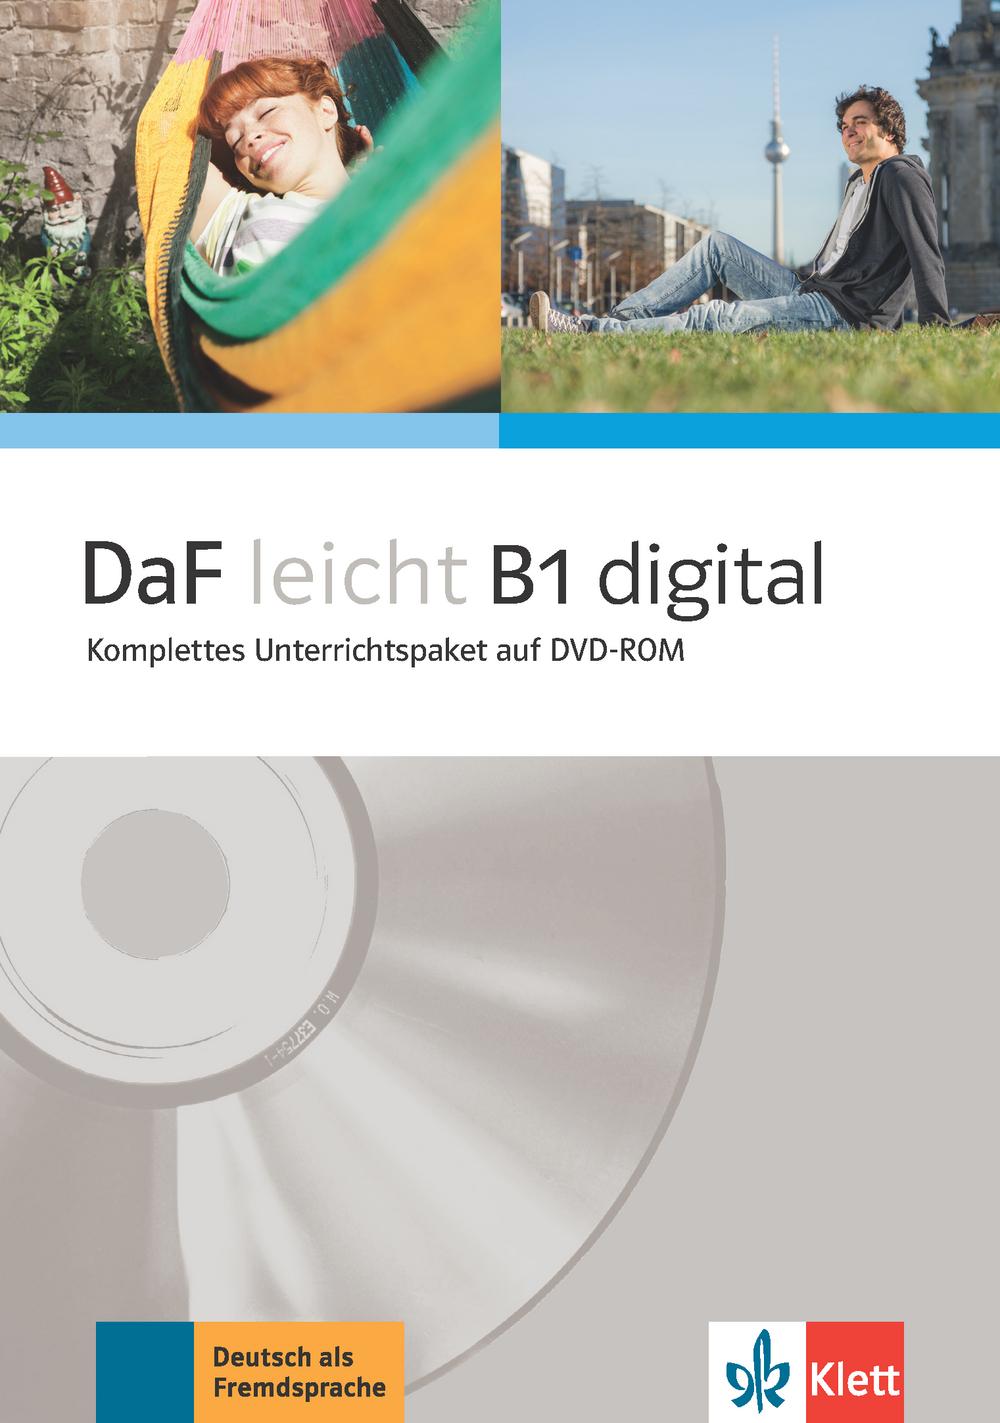 DaF leicht B1 digital